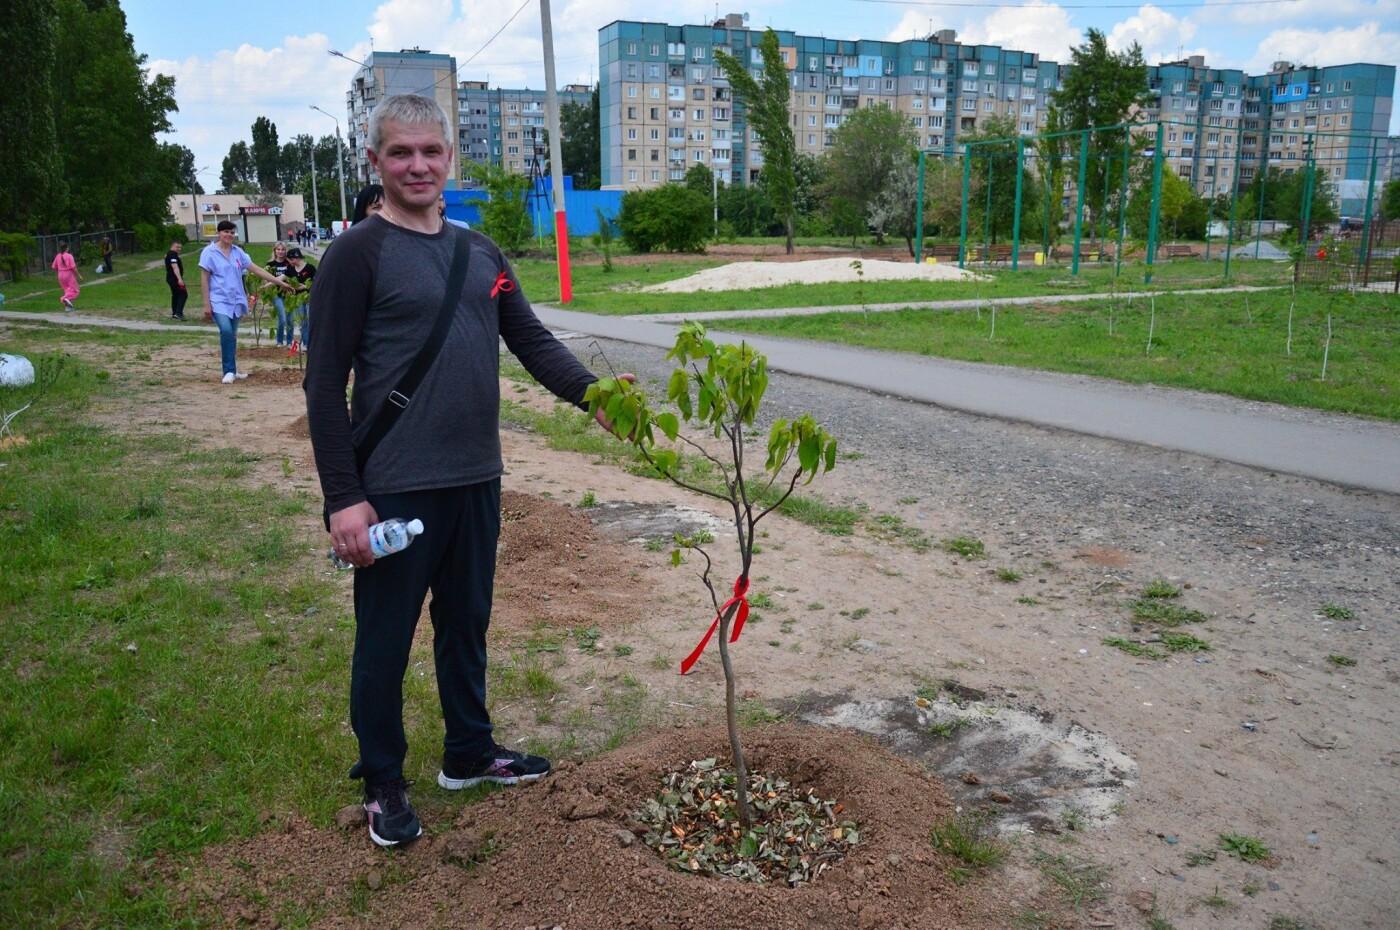 В Кривом Роге появился живой памятник людям, которые умерли из-за СПИДа, - ФОТО , фото-8